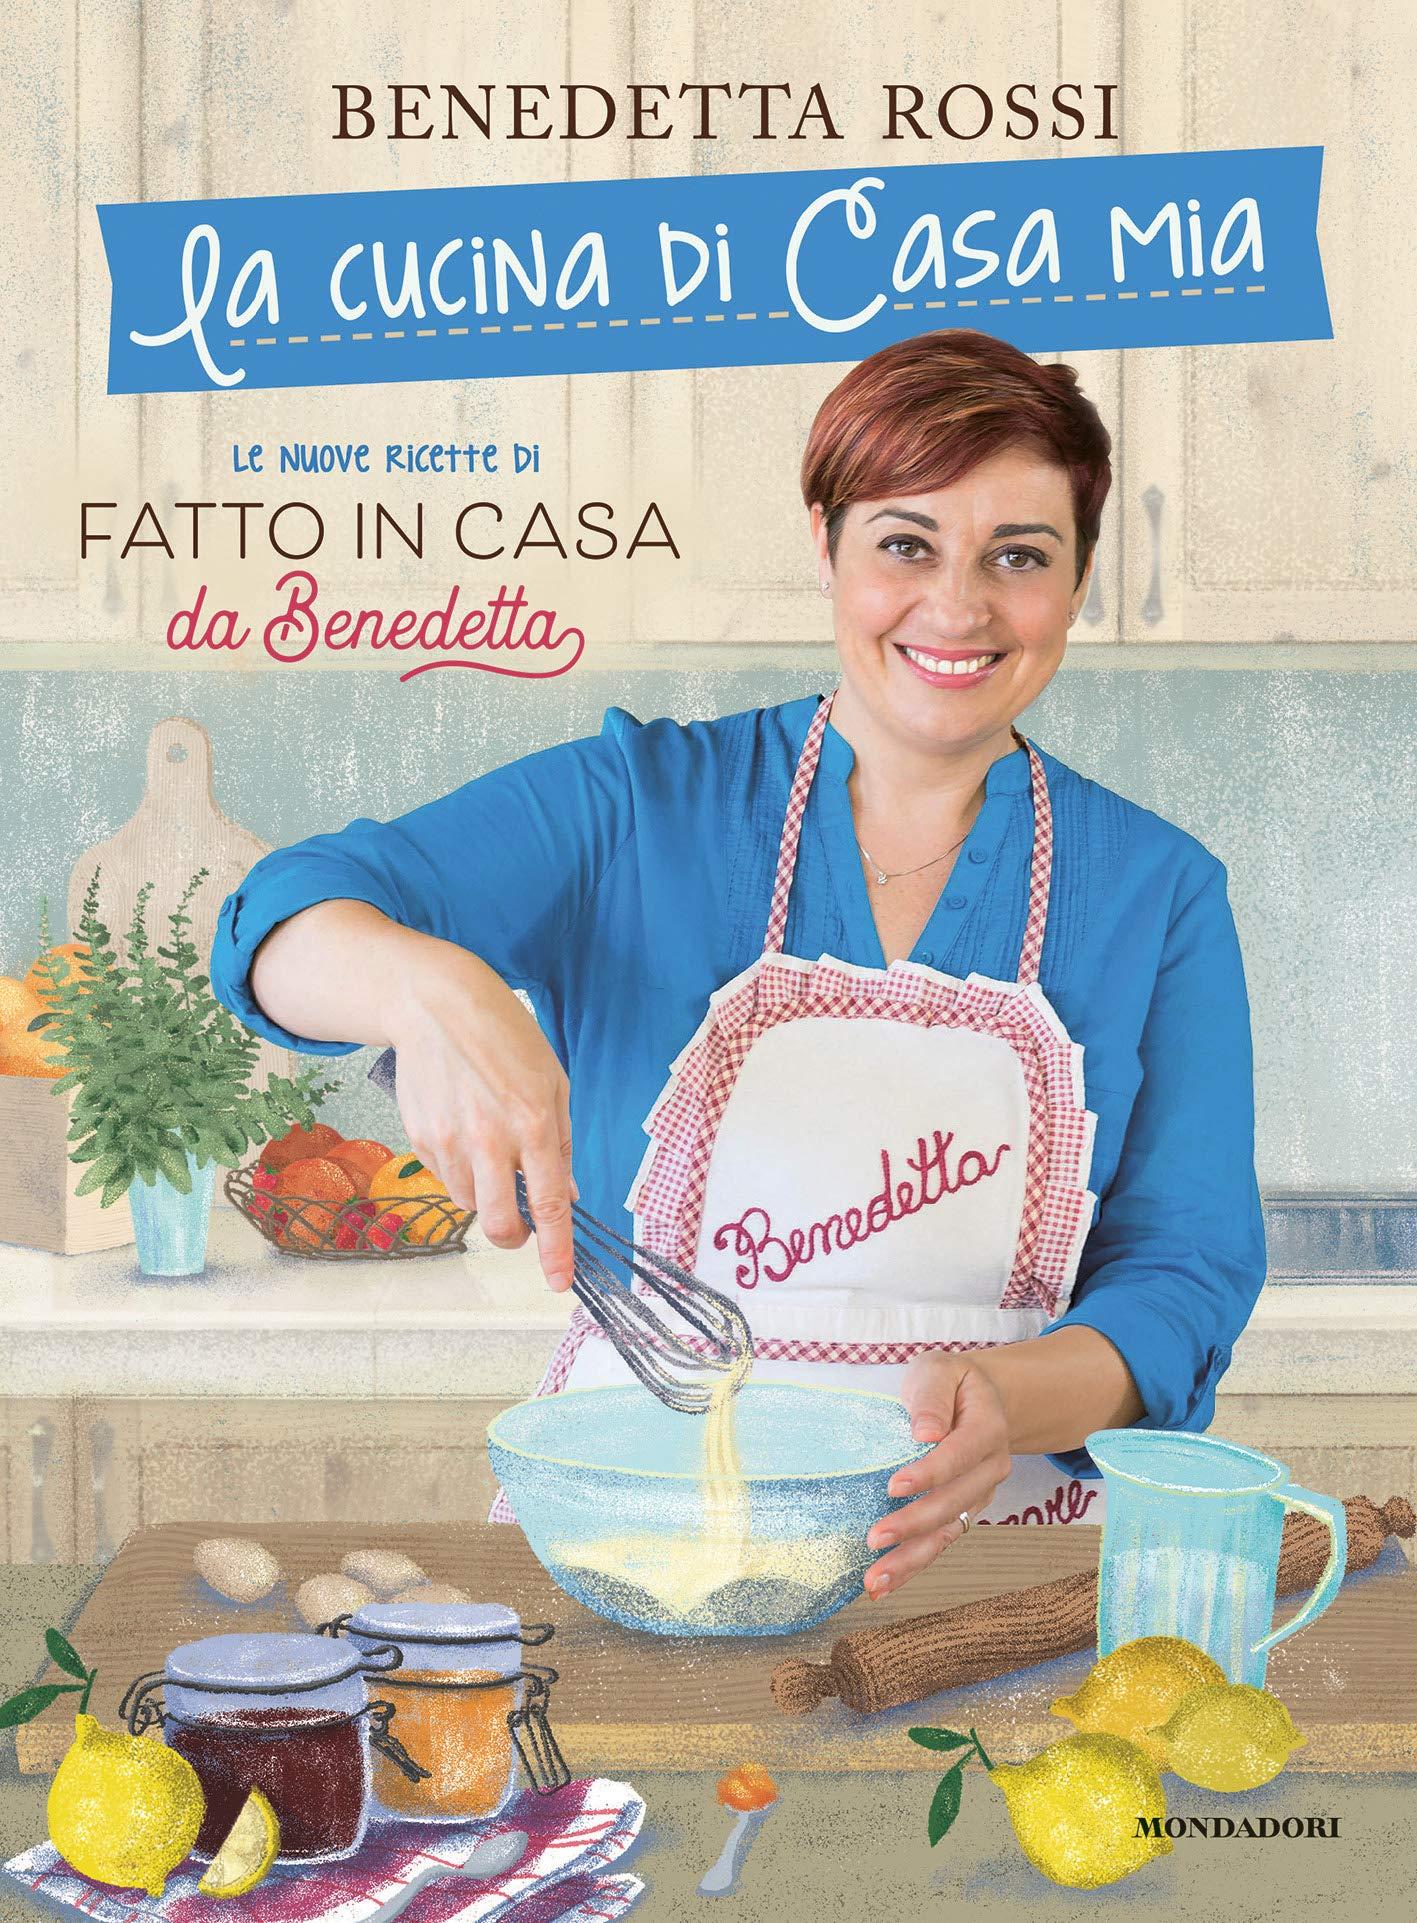 La Cucina Di Casa Mia Di Benedetta Rossi: Dove Comprare Al Miglior ...